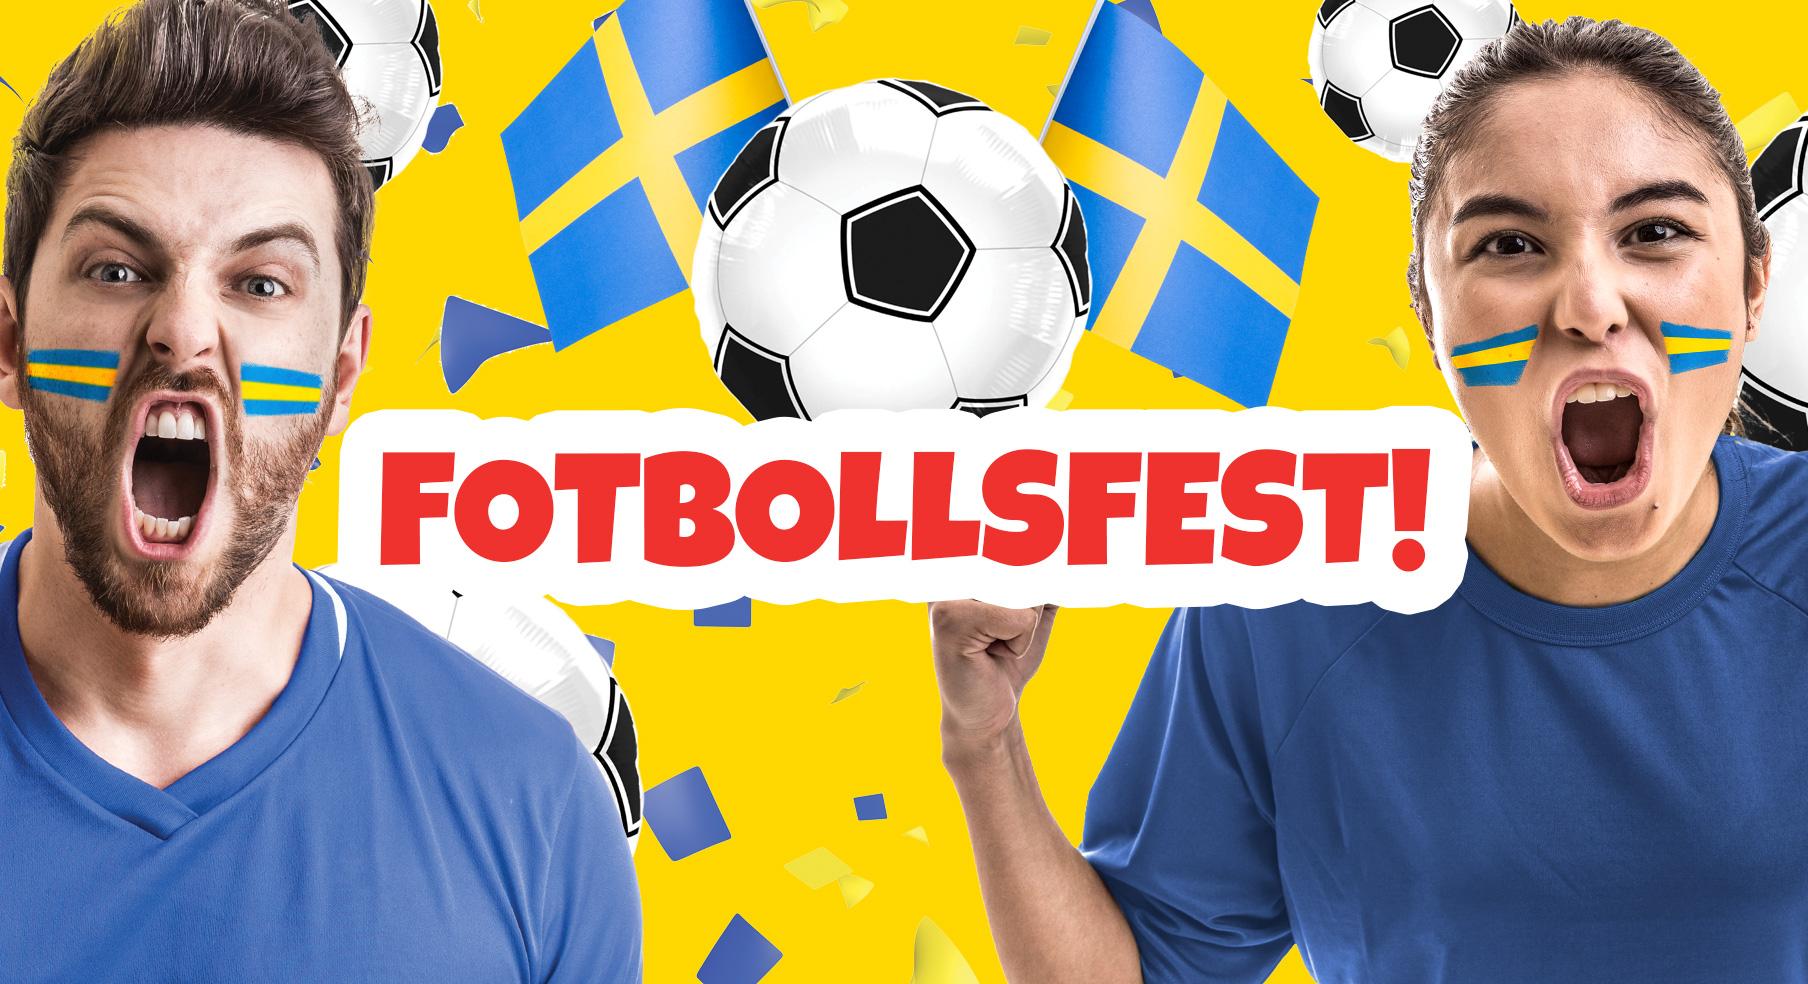 Det fullkomligt osar Fotbollsfest på Butterick's just nu